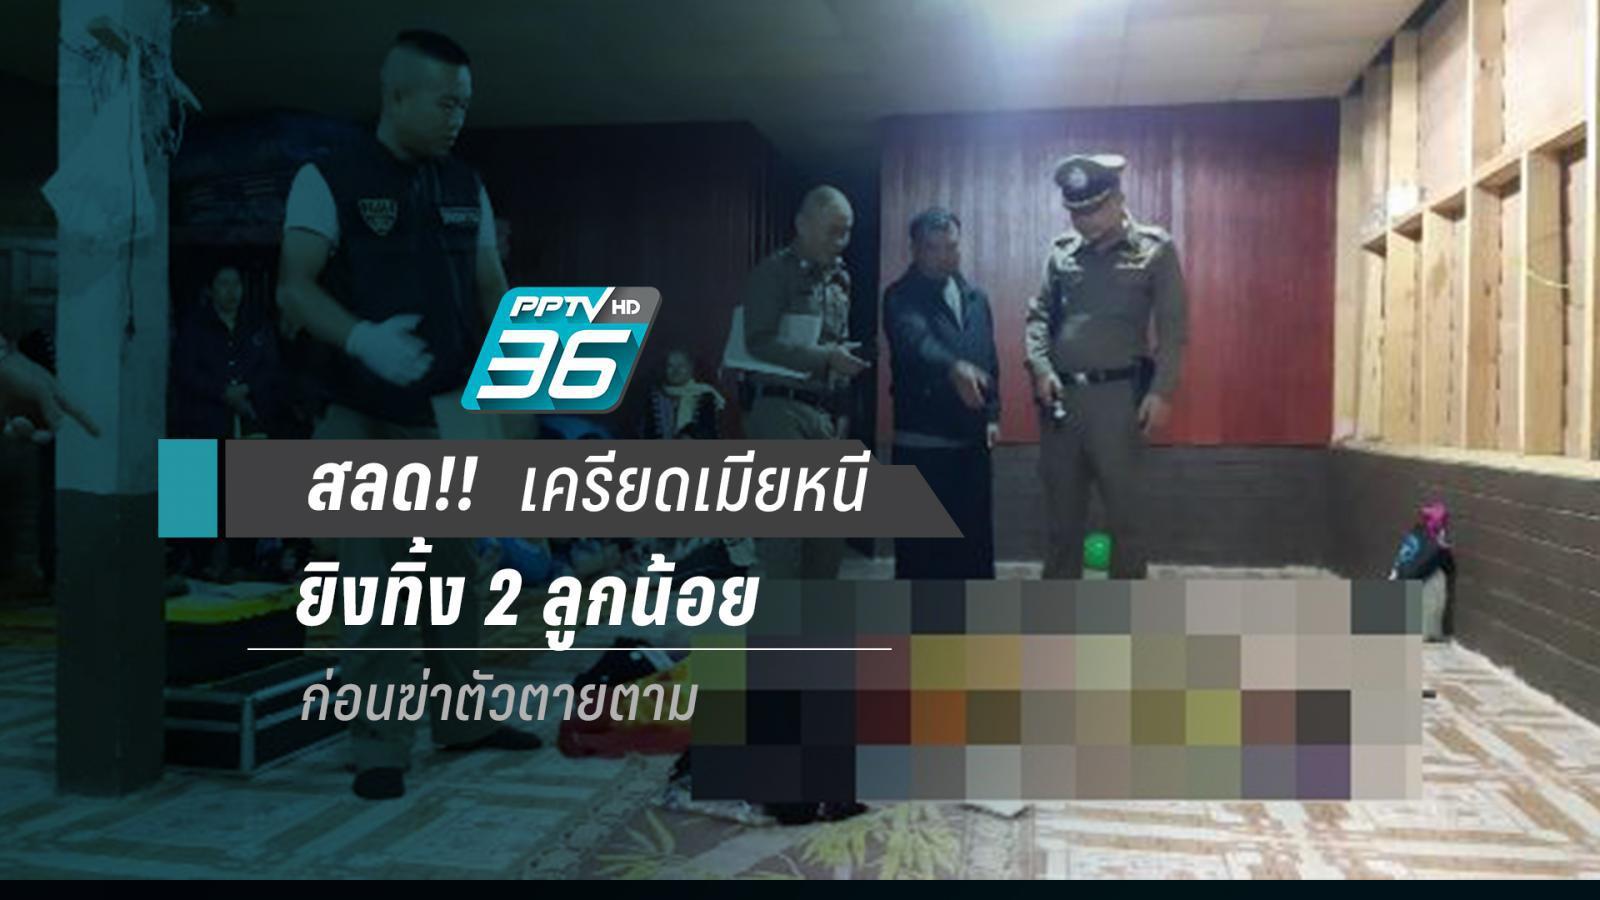 โศกนาฏกรรม  พ่อยิงลูก 2 คนทิ้ง  พร้อมฆ่าตัวตาย หลังเมียหนี